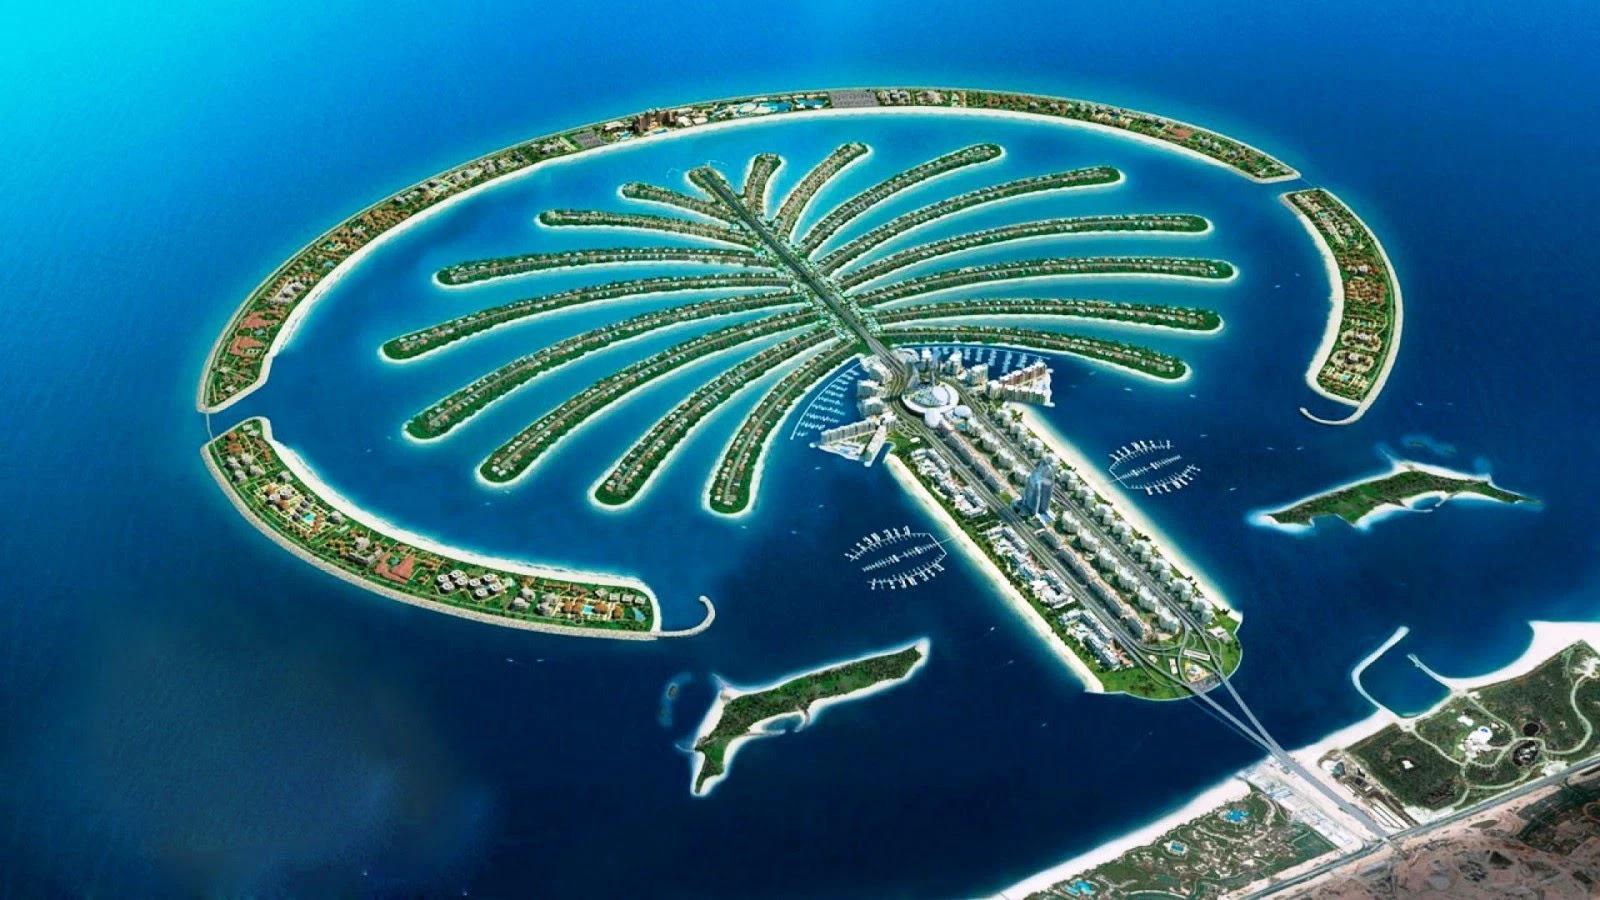 As maiores construções do mundo: palm islands